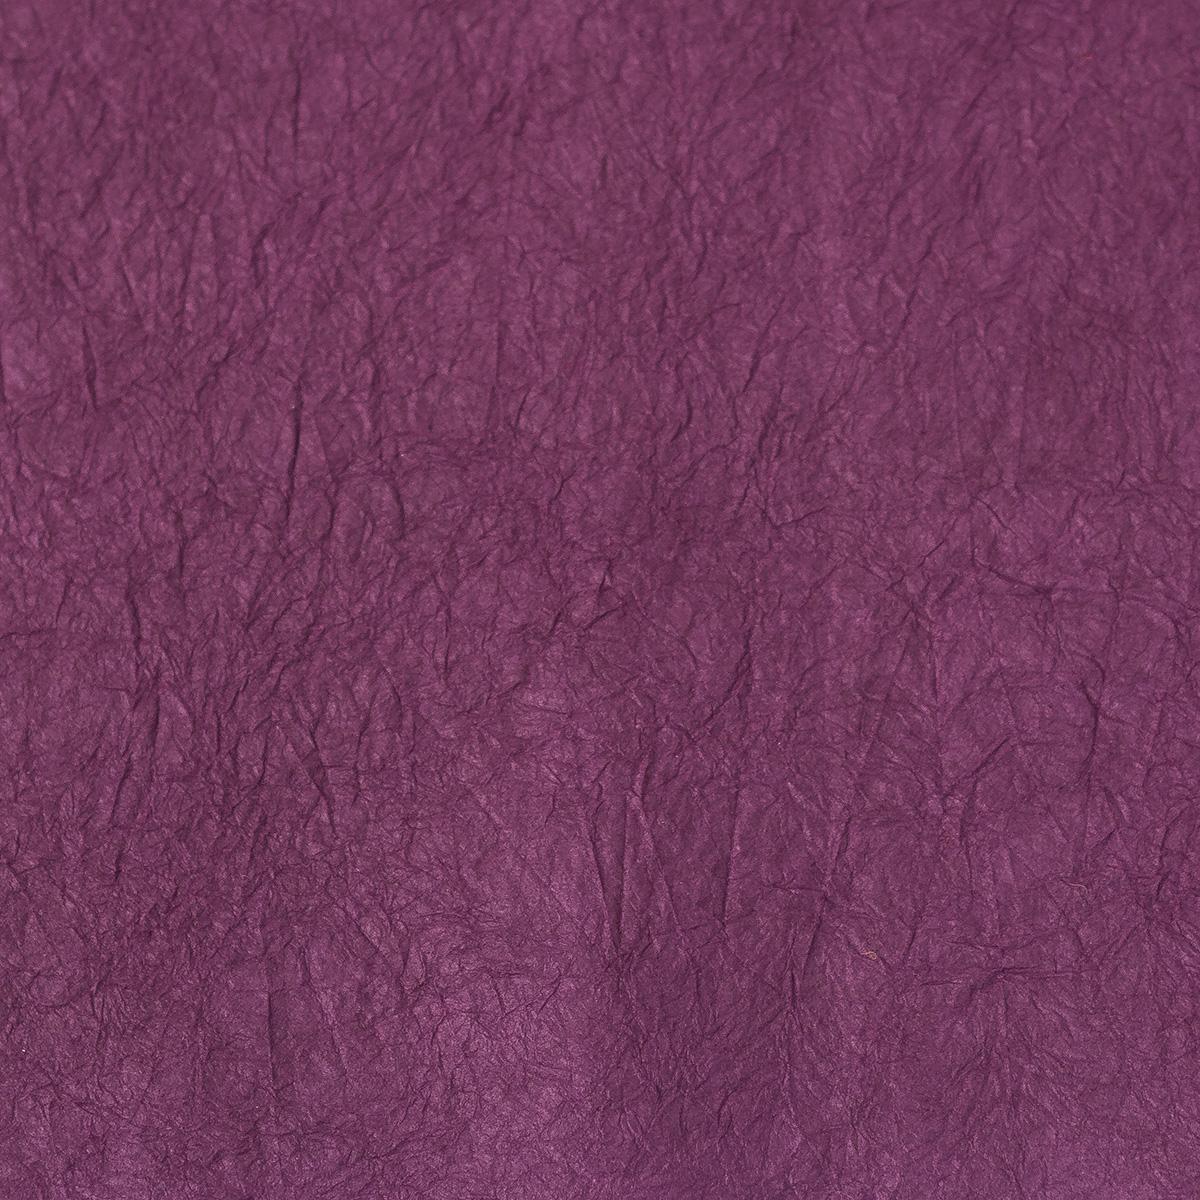 王朝のそめいろ 中厚口 3番 深紫